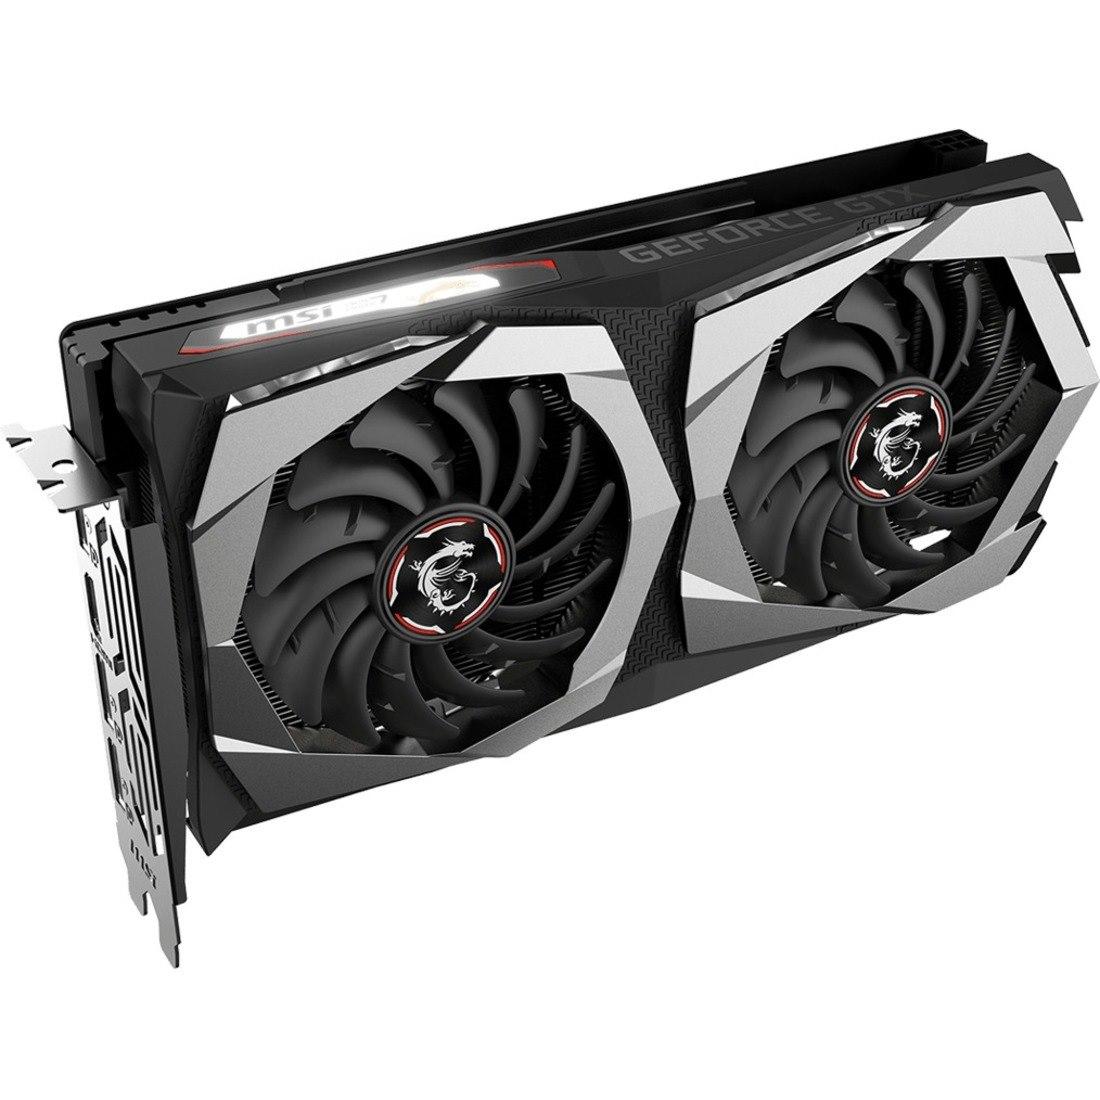 MSI GeForce GTX 1650 SUPER GAMING X GeForce GTX 1650 SUPER Graphic Card - 4 GB GDDR6